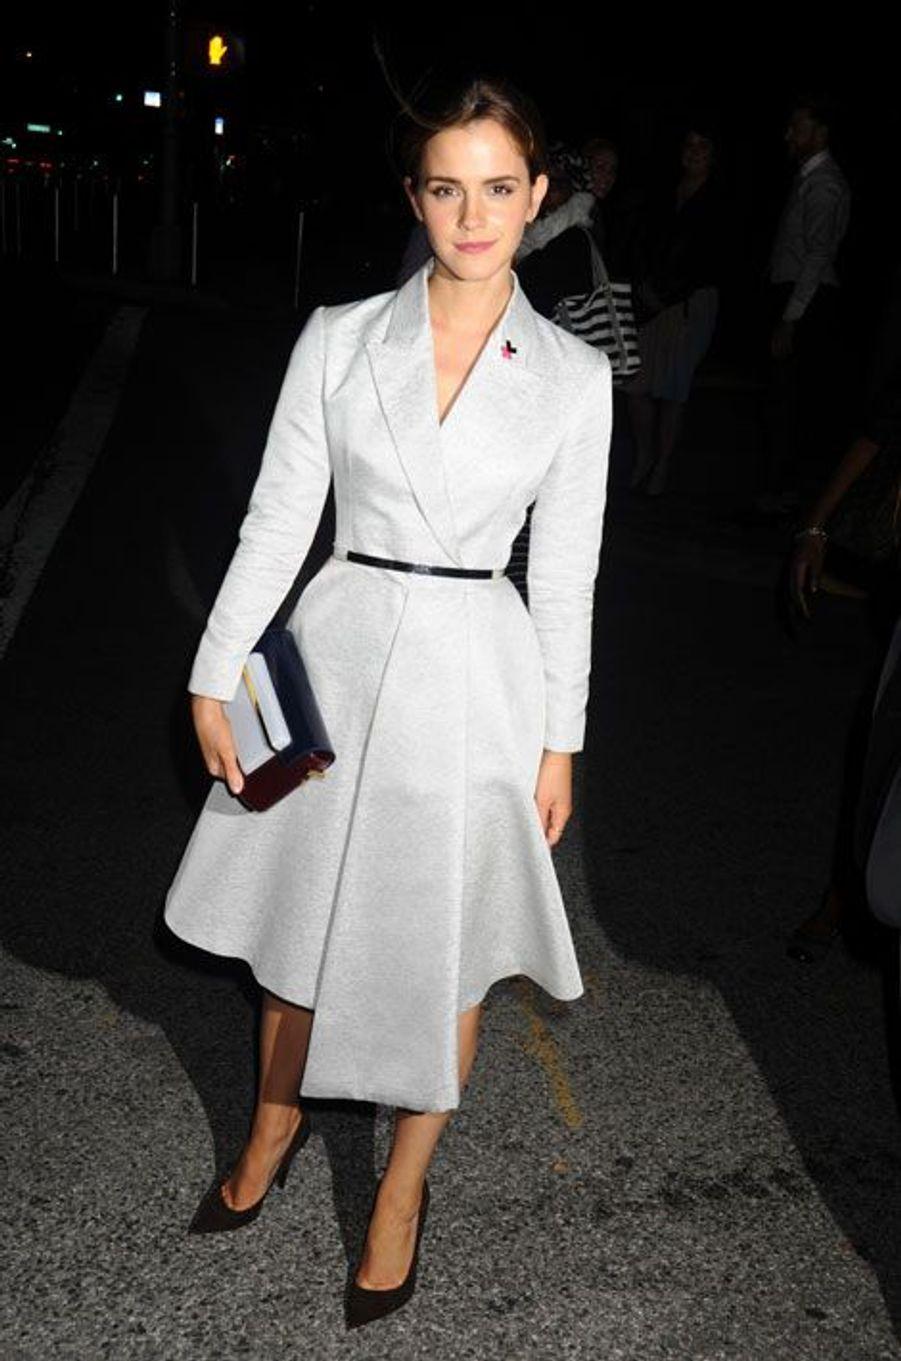 L'actrice britannique Emma Watson en Christian Dior, devient ambassadrice de bonne volonté pour les Nations Unies, à New York, le 20 septembre 2014